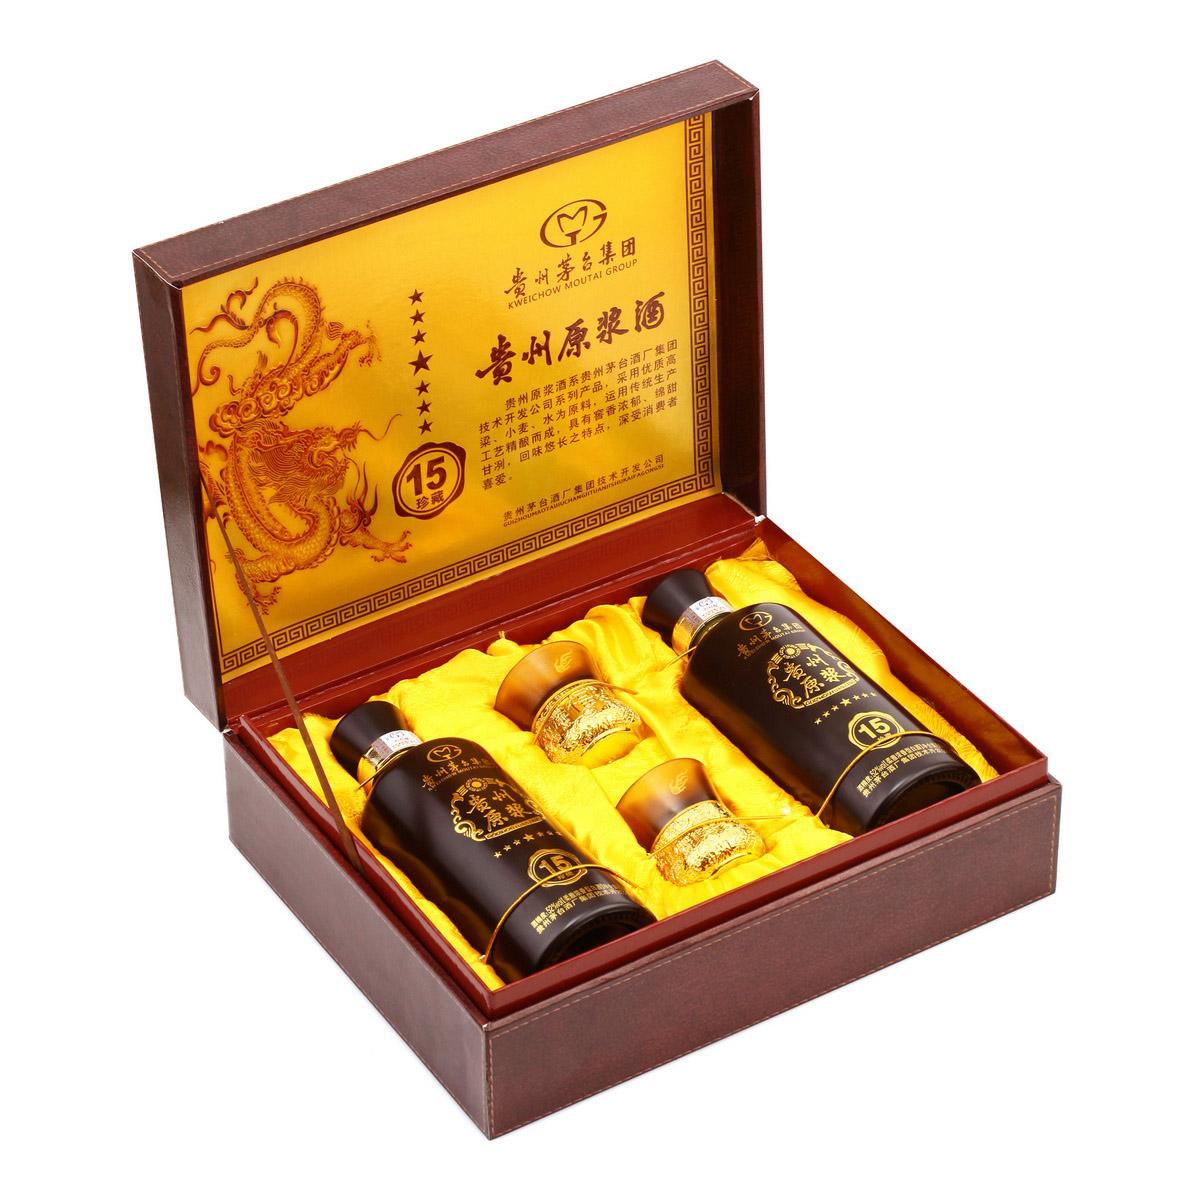 貴州茅臺集團出品,500mlx2瓶x2件 貴州原漿 珍藏15 52度柔雅濃香型白酒禮盒裝